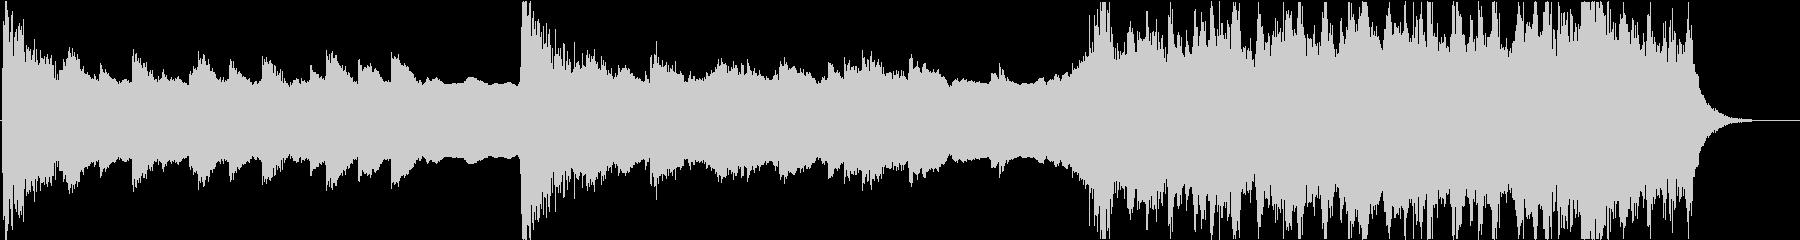 トランペットを使用した雄大で感動的な曲の未再生の波形